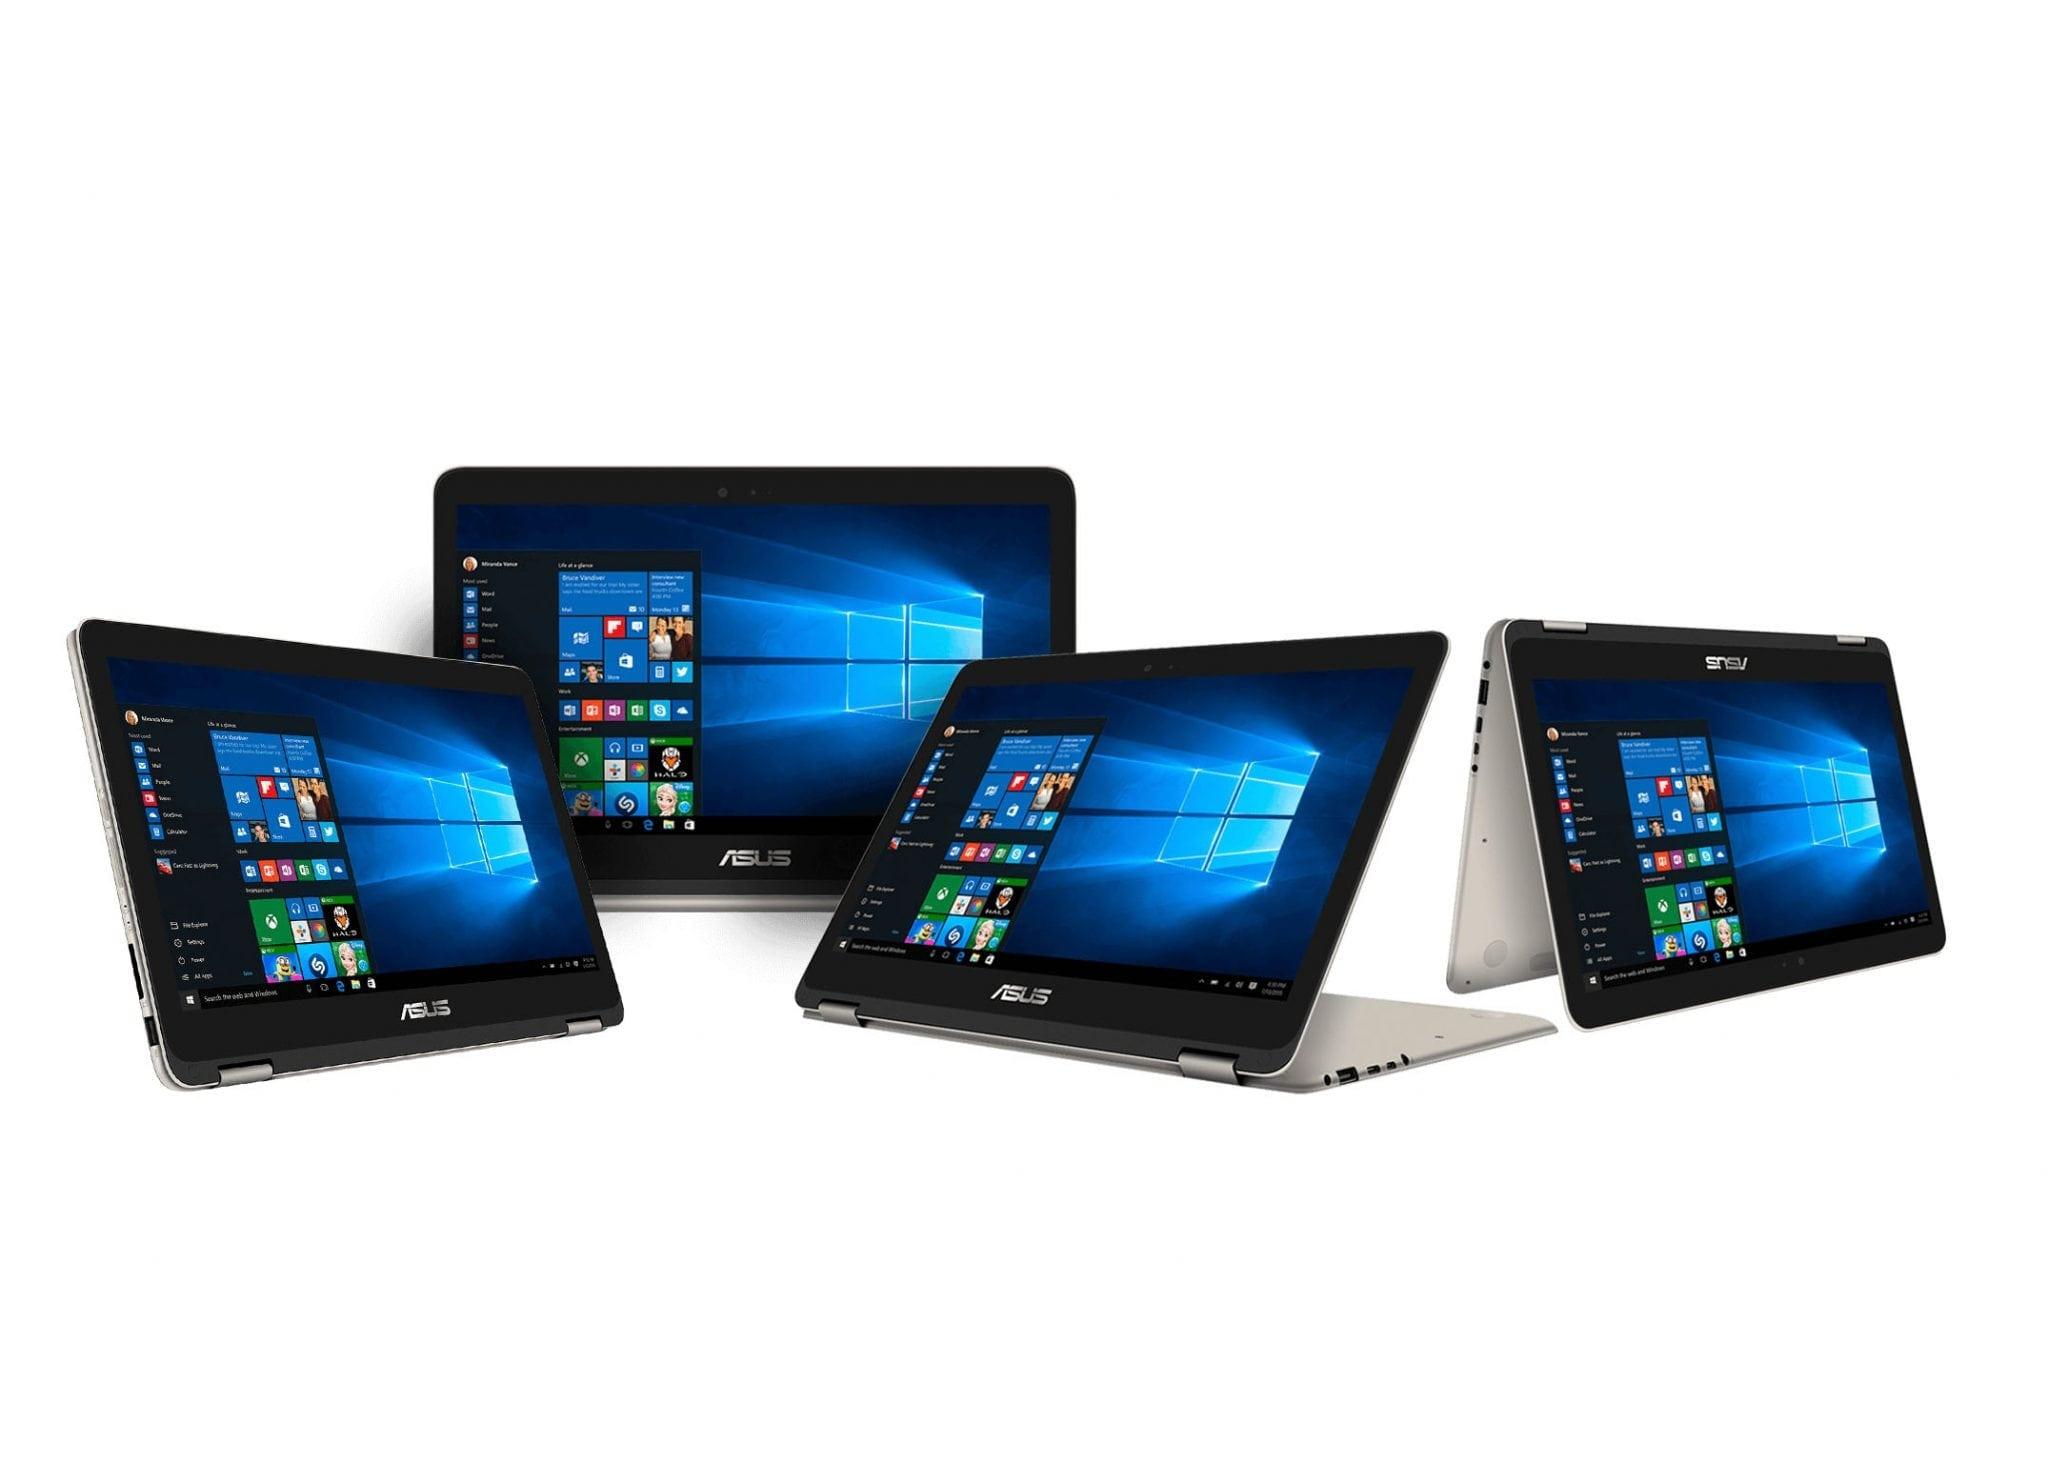 ASUS ZenBook Flip UX360CA intră pe piața noastră, modelul convertibil permite rotirea ecranului la 360°